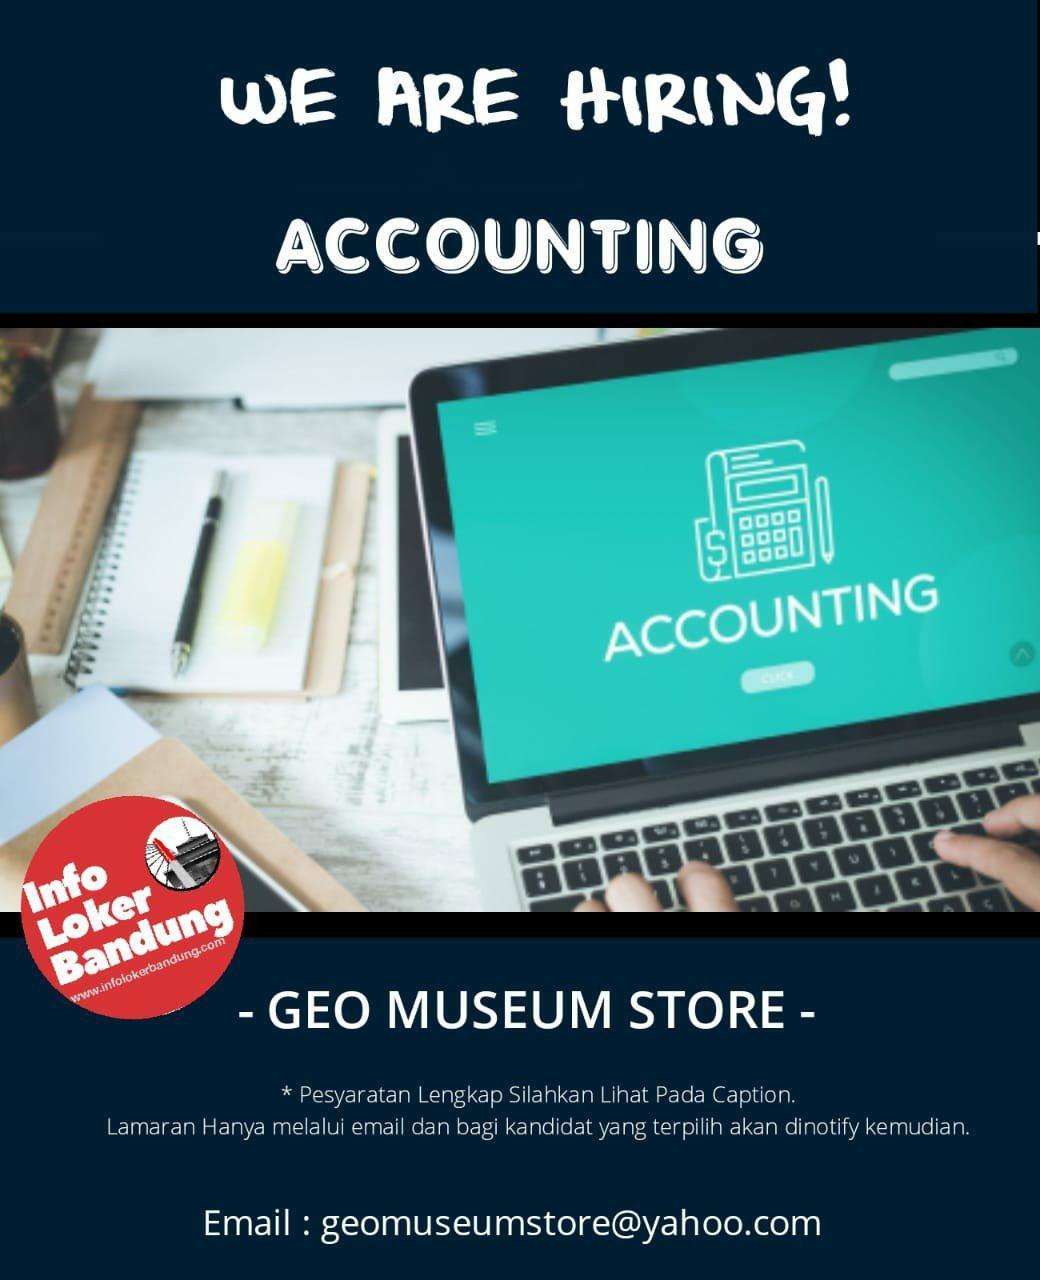 Lowongan Kerja Accounting Geo Museum Store Bandung Januari 2019